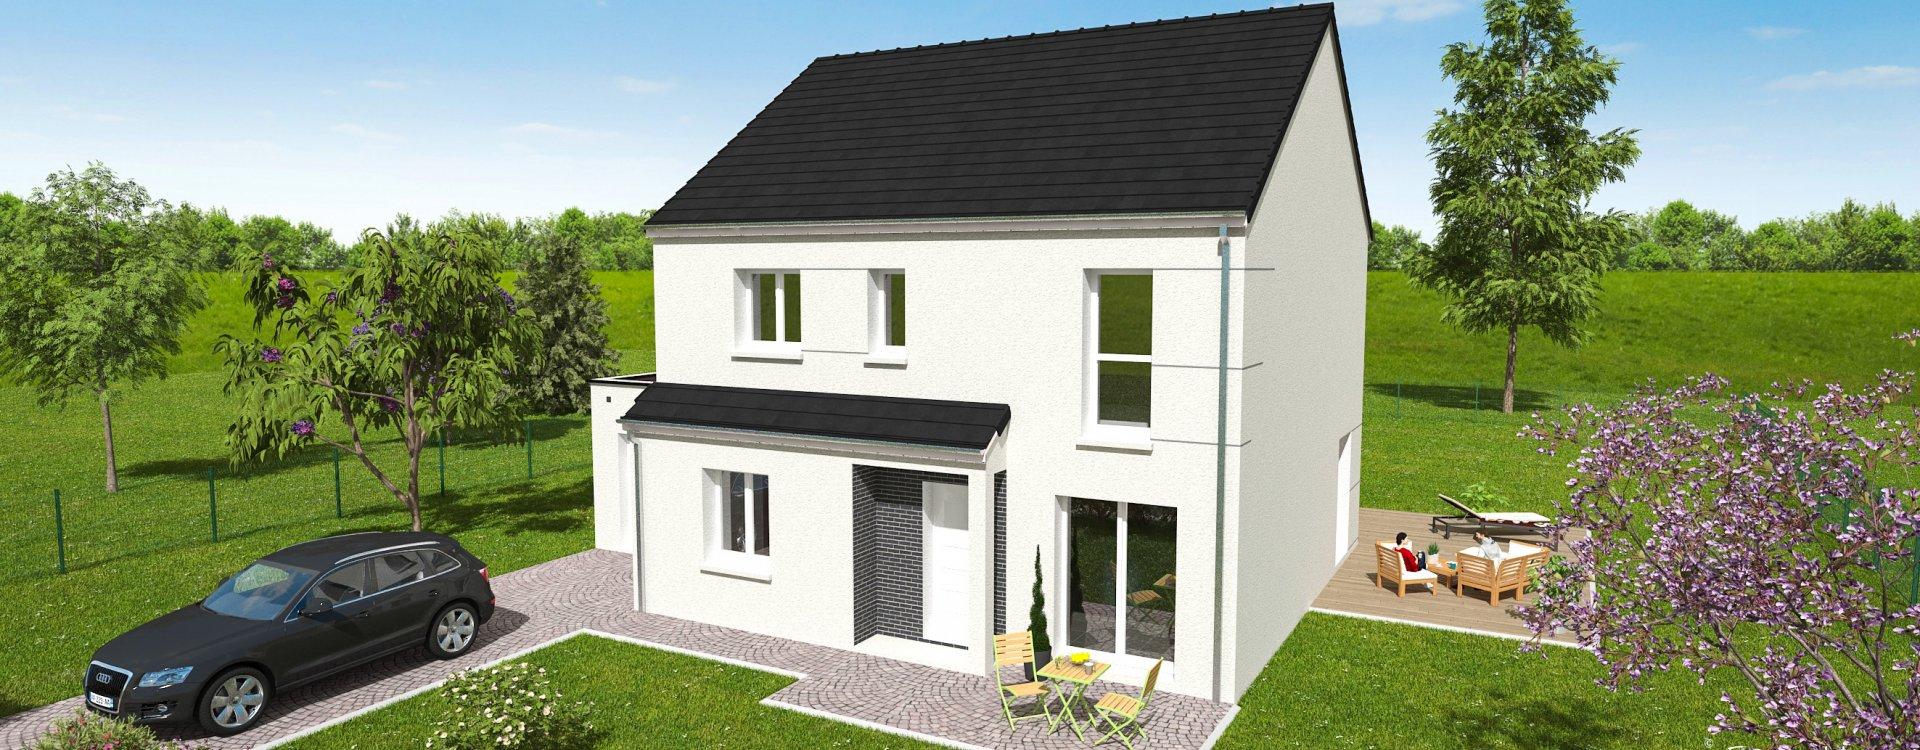 Maisons + Terrains du constructeur EASY HOUSE FRANCE • 132 m² • GIDY